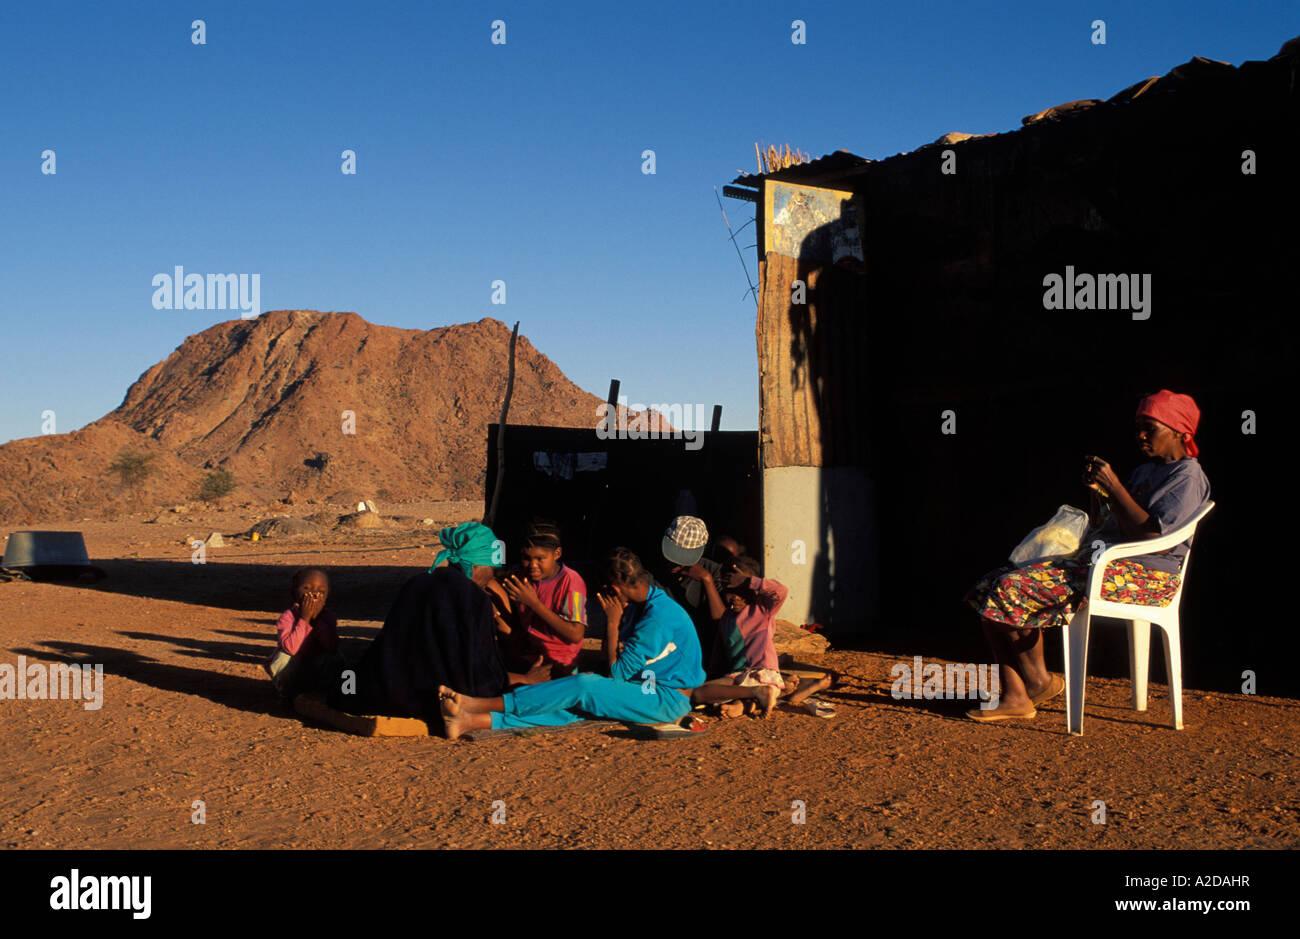 Nama people resettled in Riemvasmaak after the apartheid era Riemvasmaak South Africa - Stock Image